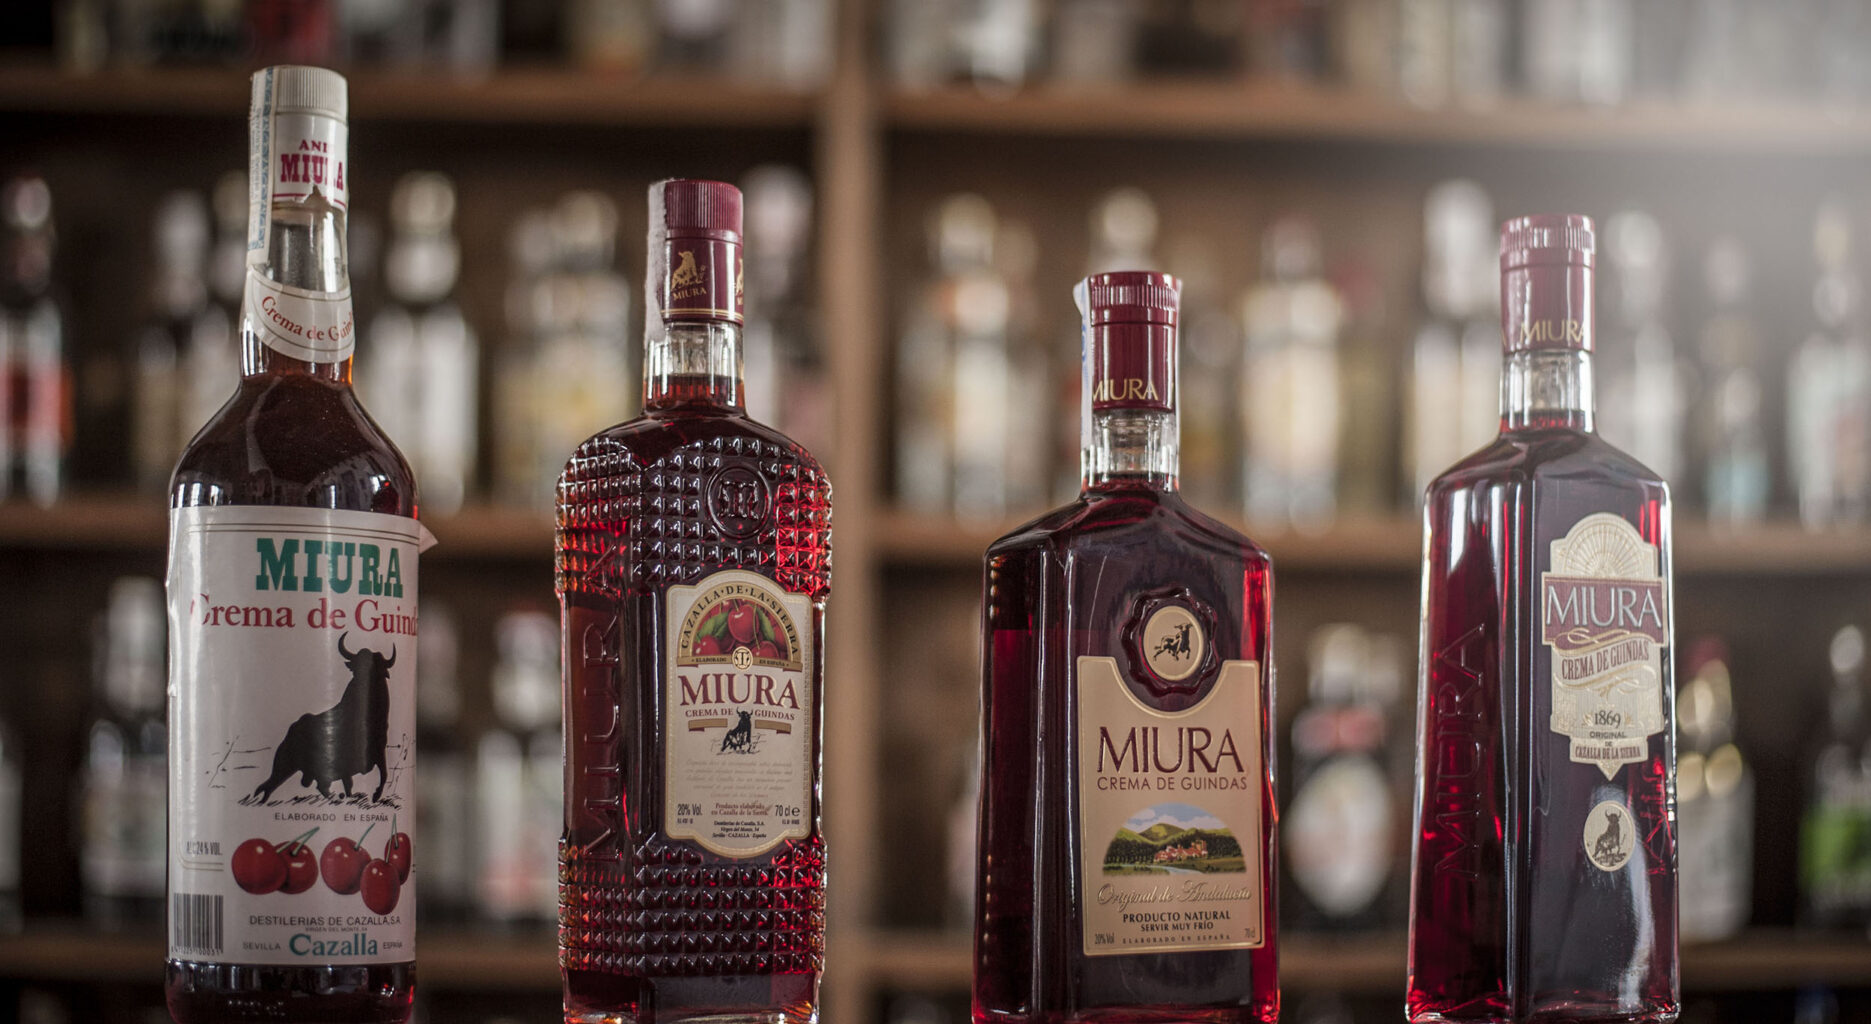 Evolución de la botella del Licor de Guindas Miura